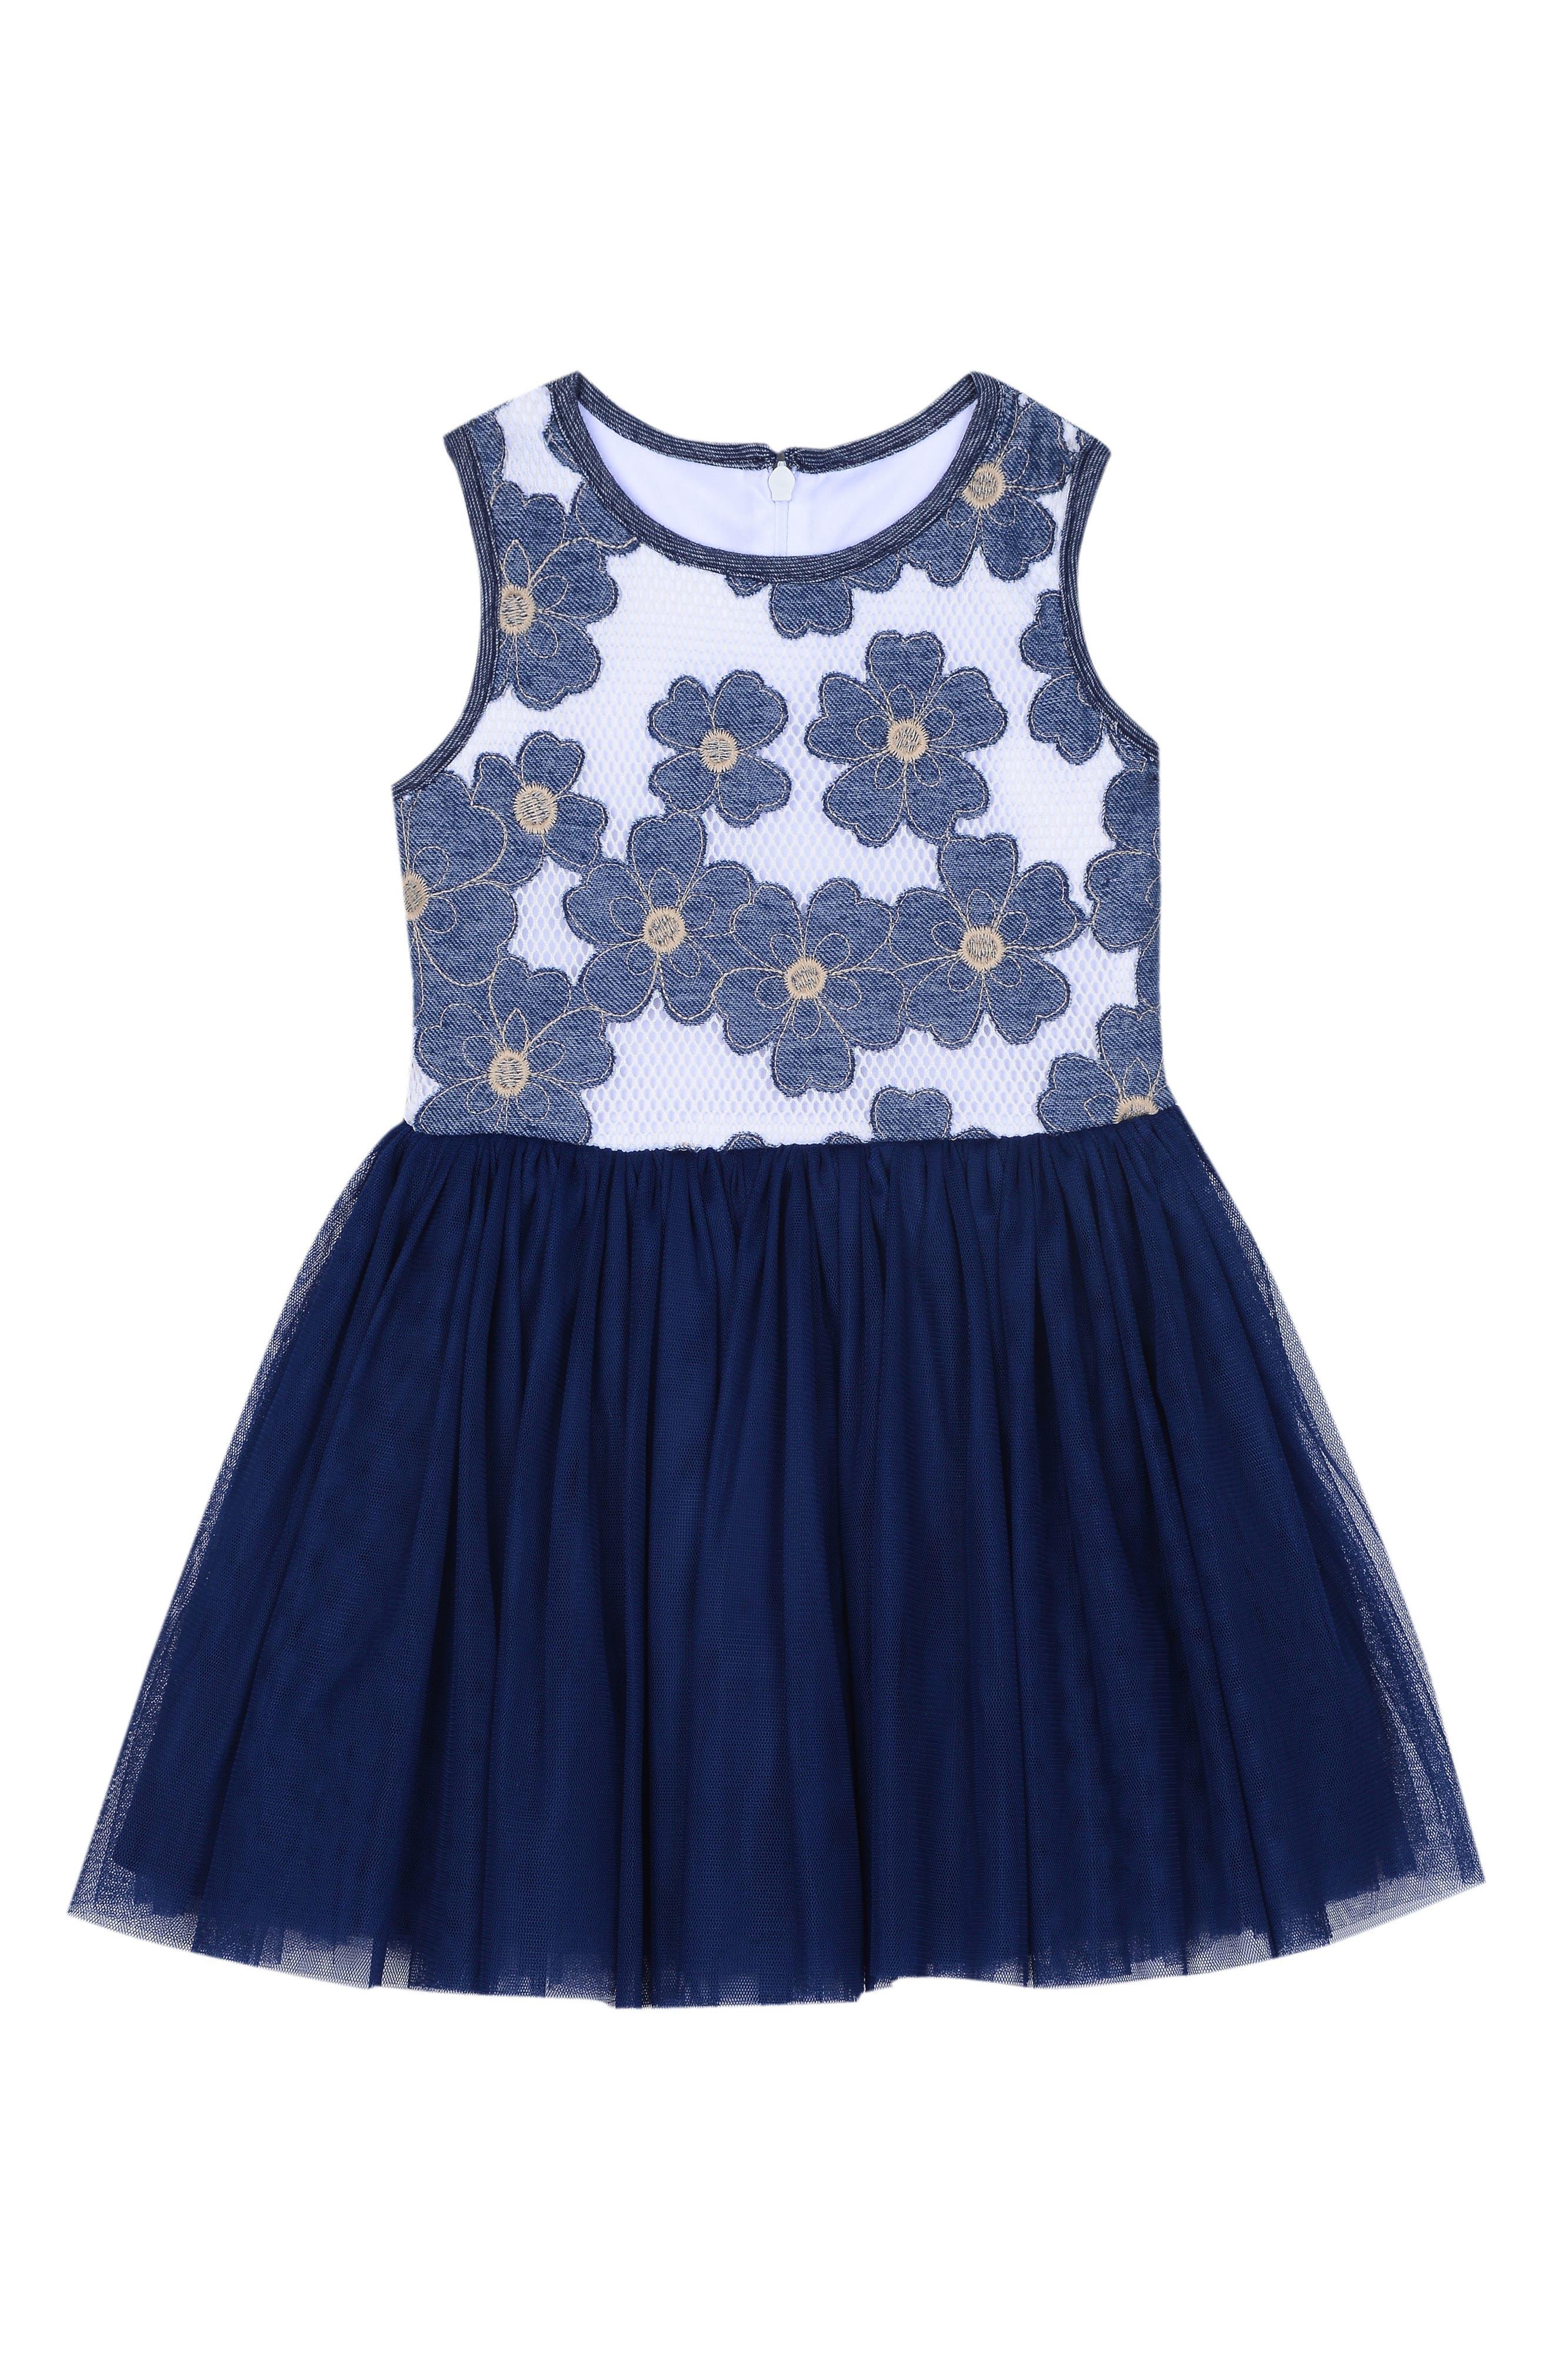 PIPPA & JULIE Floral Appliqué Tutu Dress, Main, color, 138